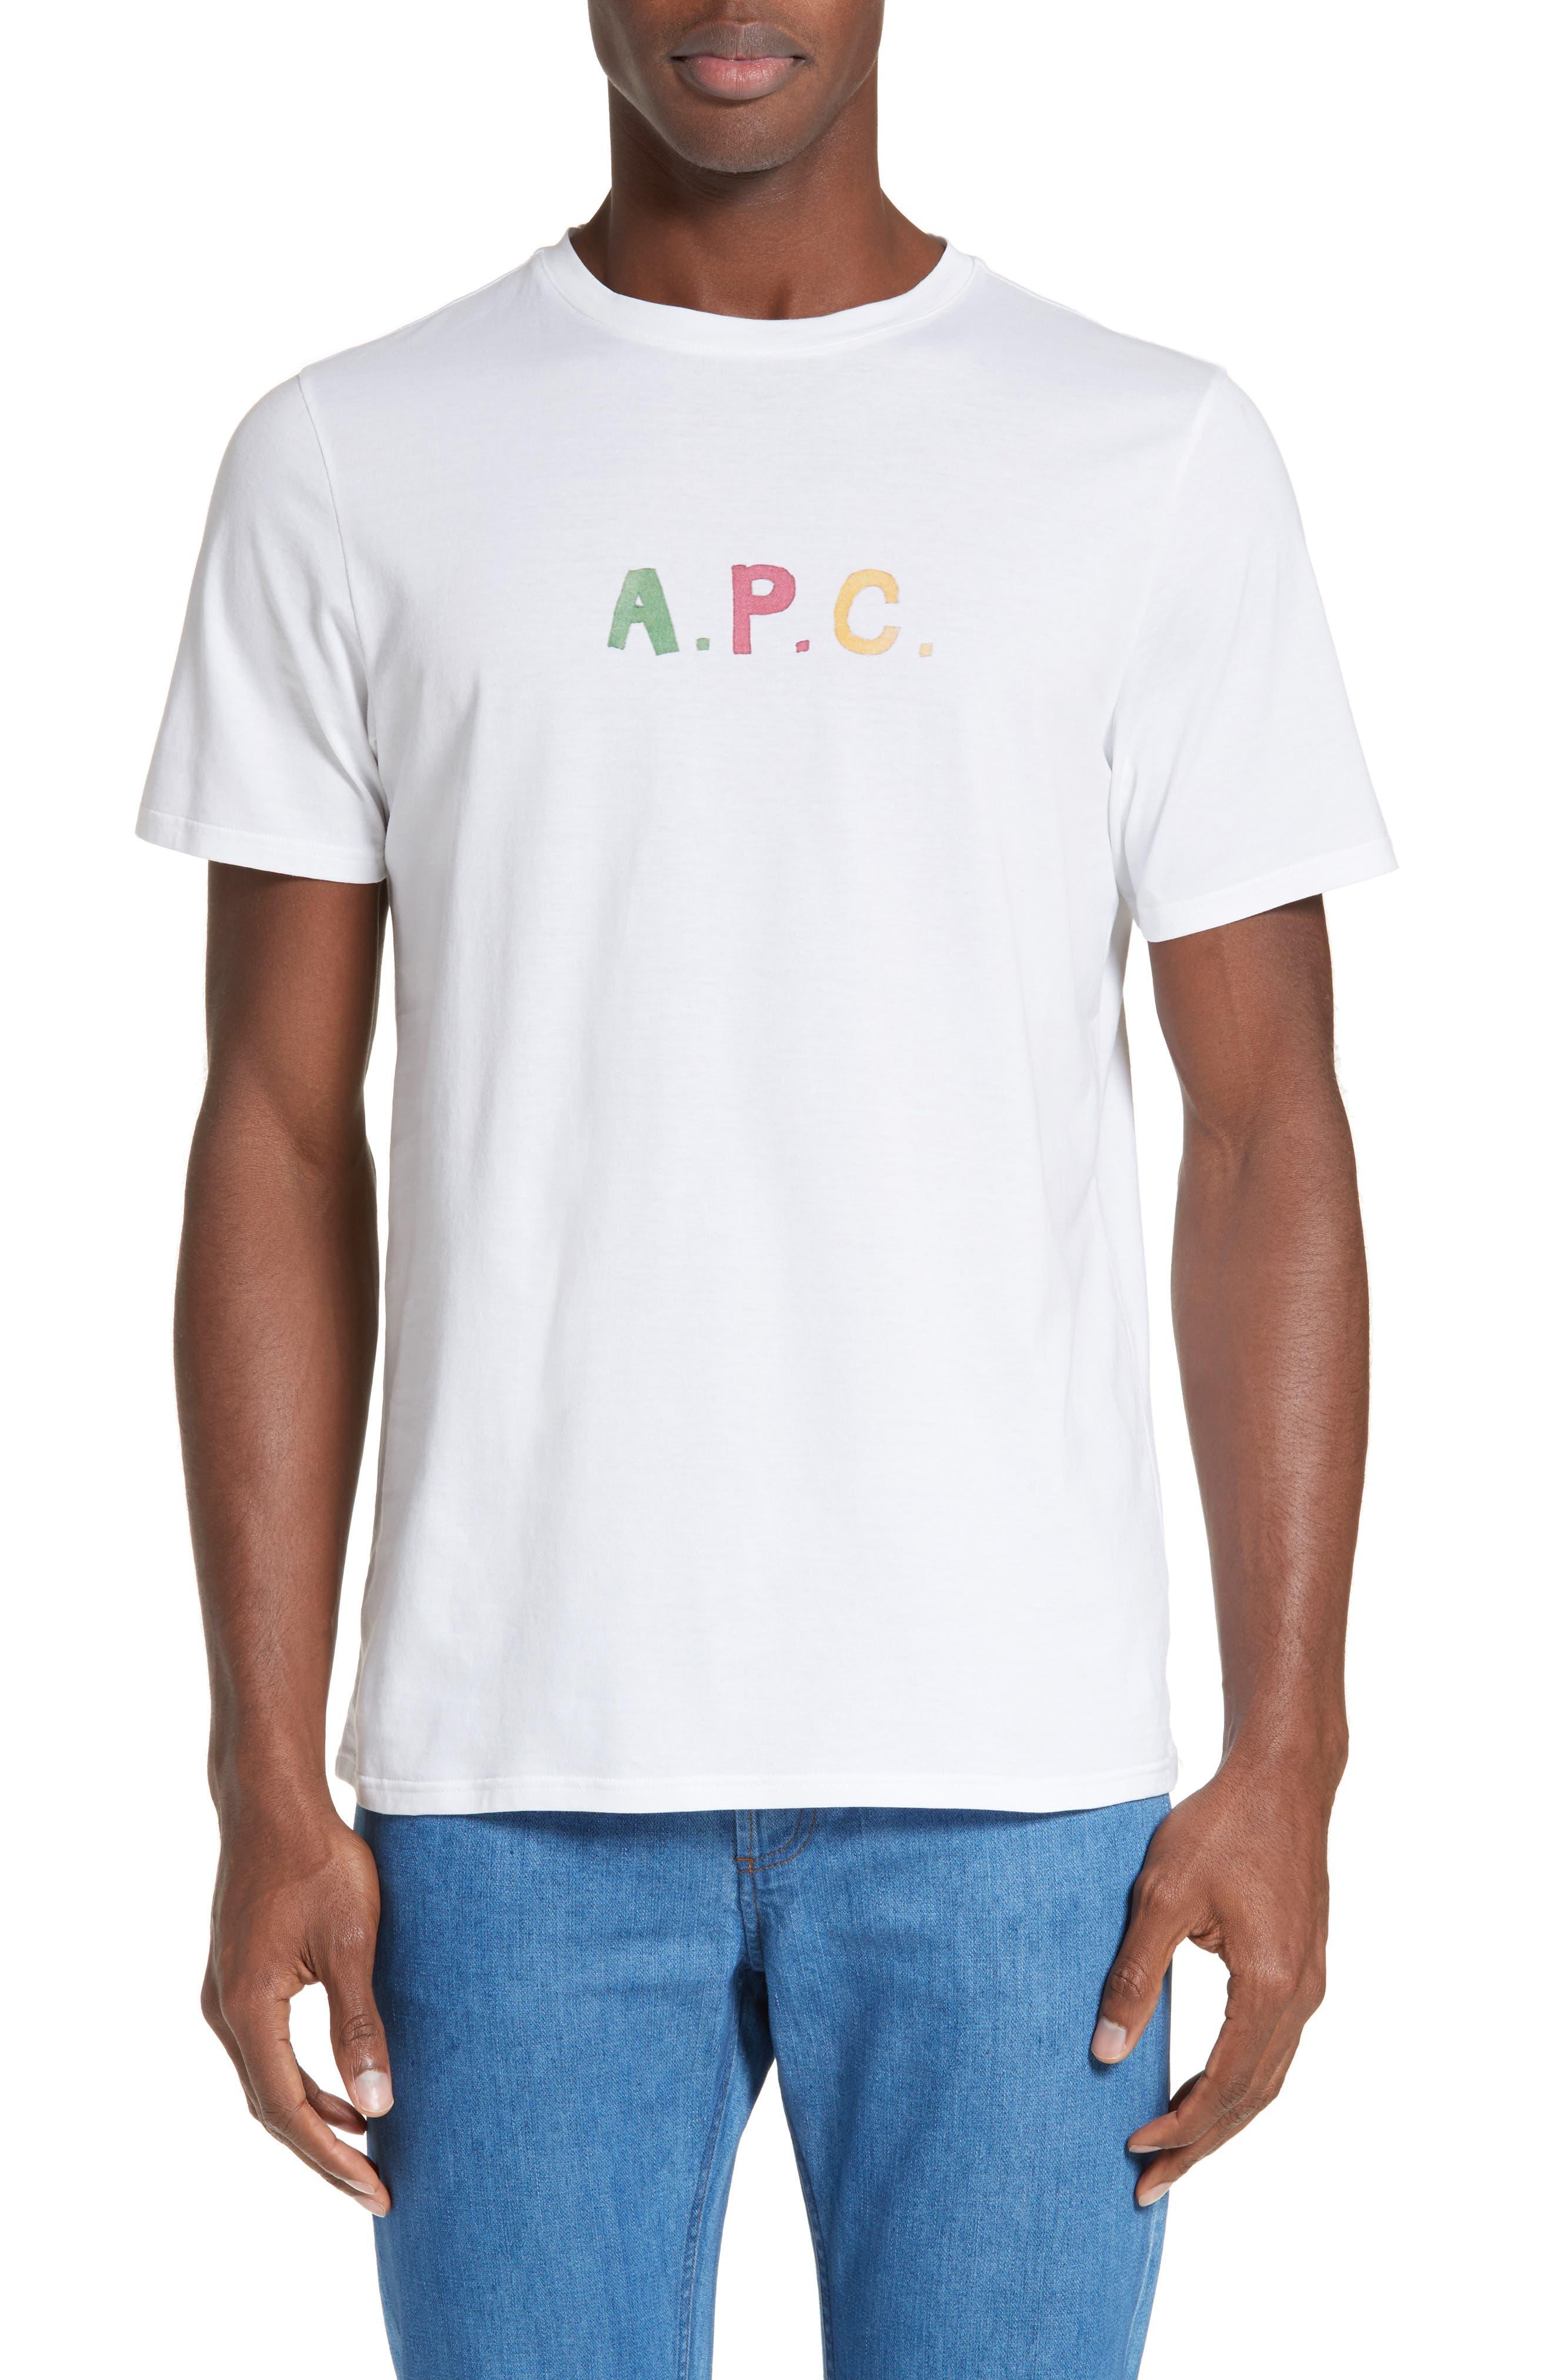 A.P.C. Couleurs T-Shirt